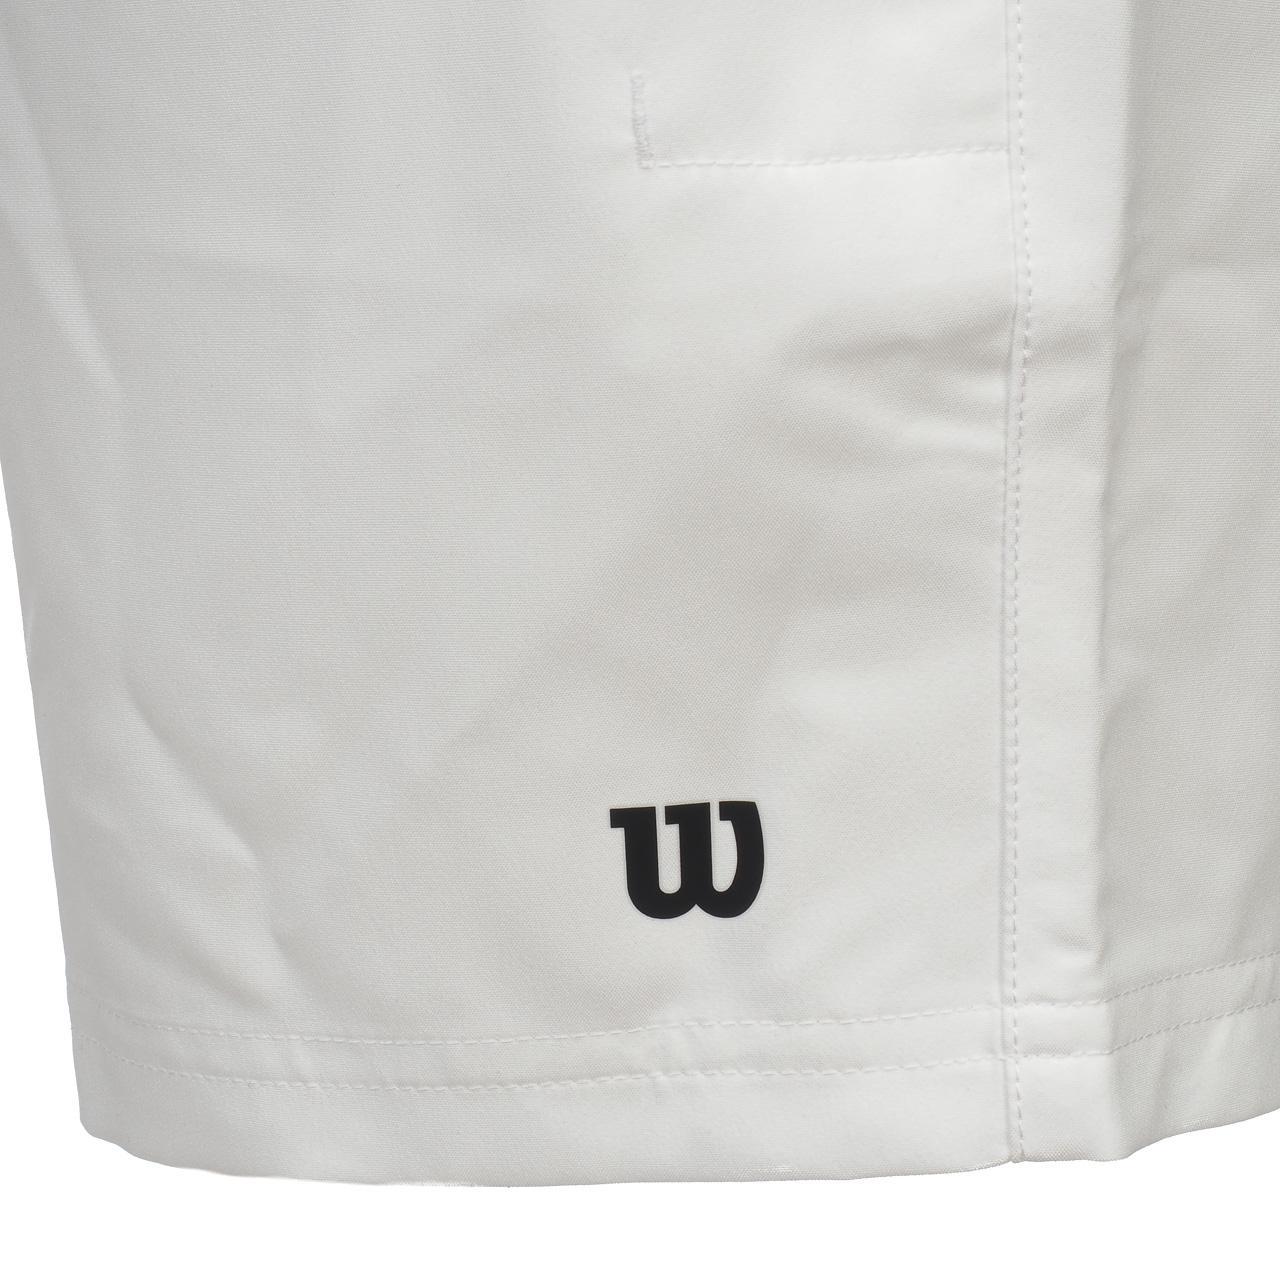 Short-de-tennis-Wilson-Team-7-blc-short-junior-Blanc-15570-Neuf miniature 3